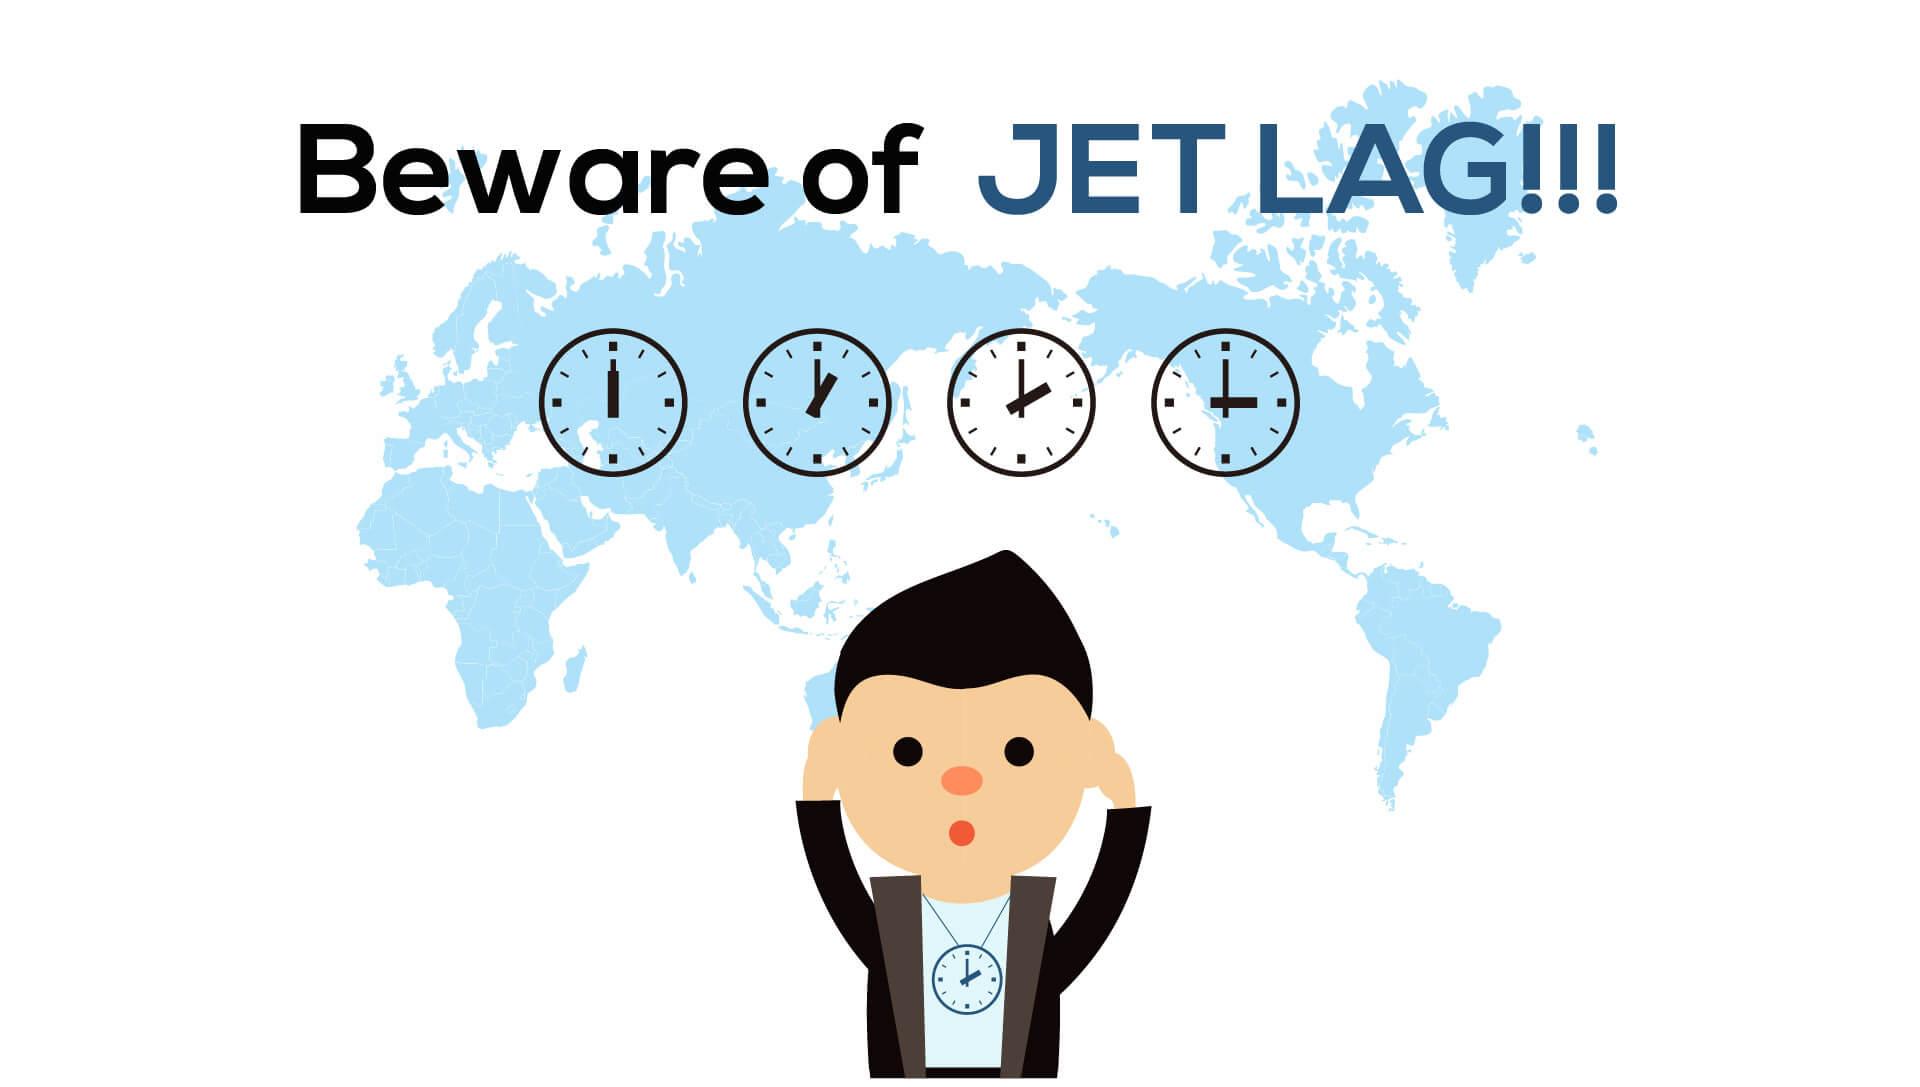 Beware of jet lag